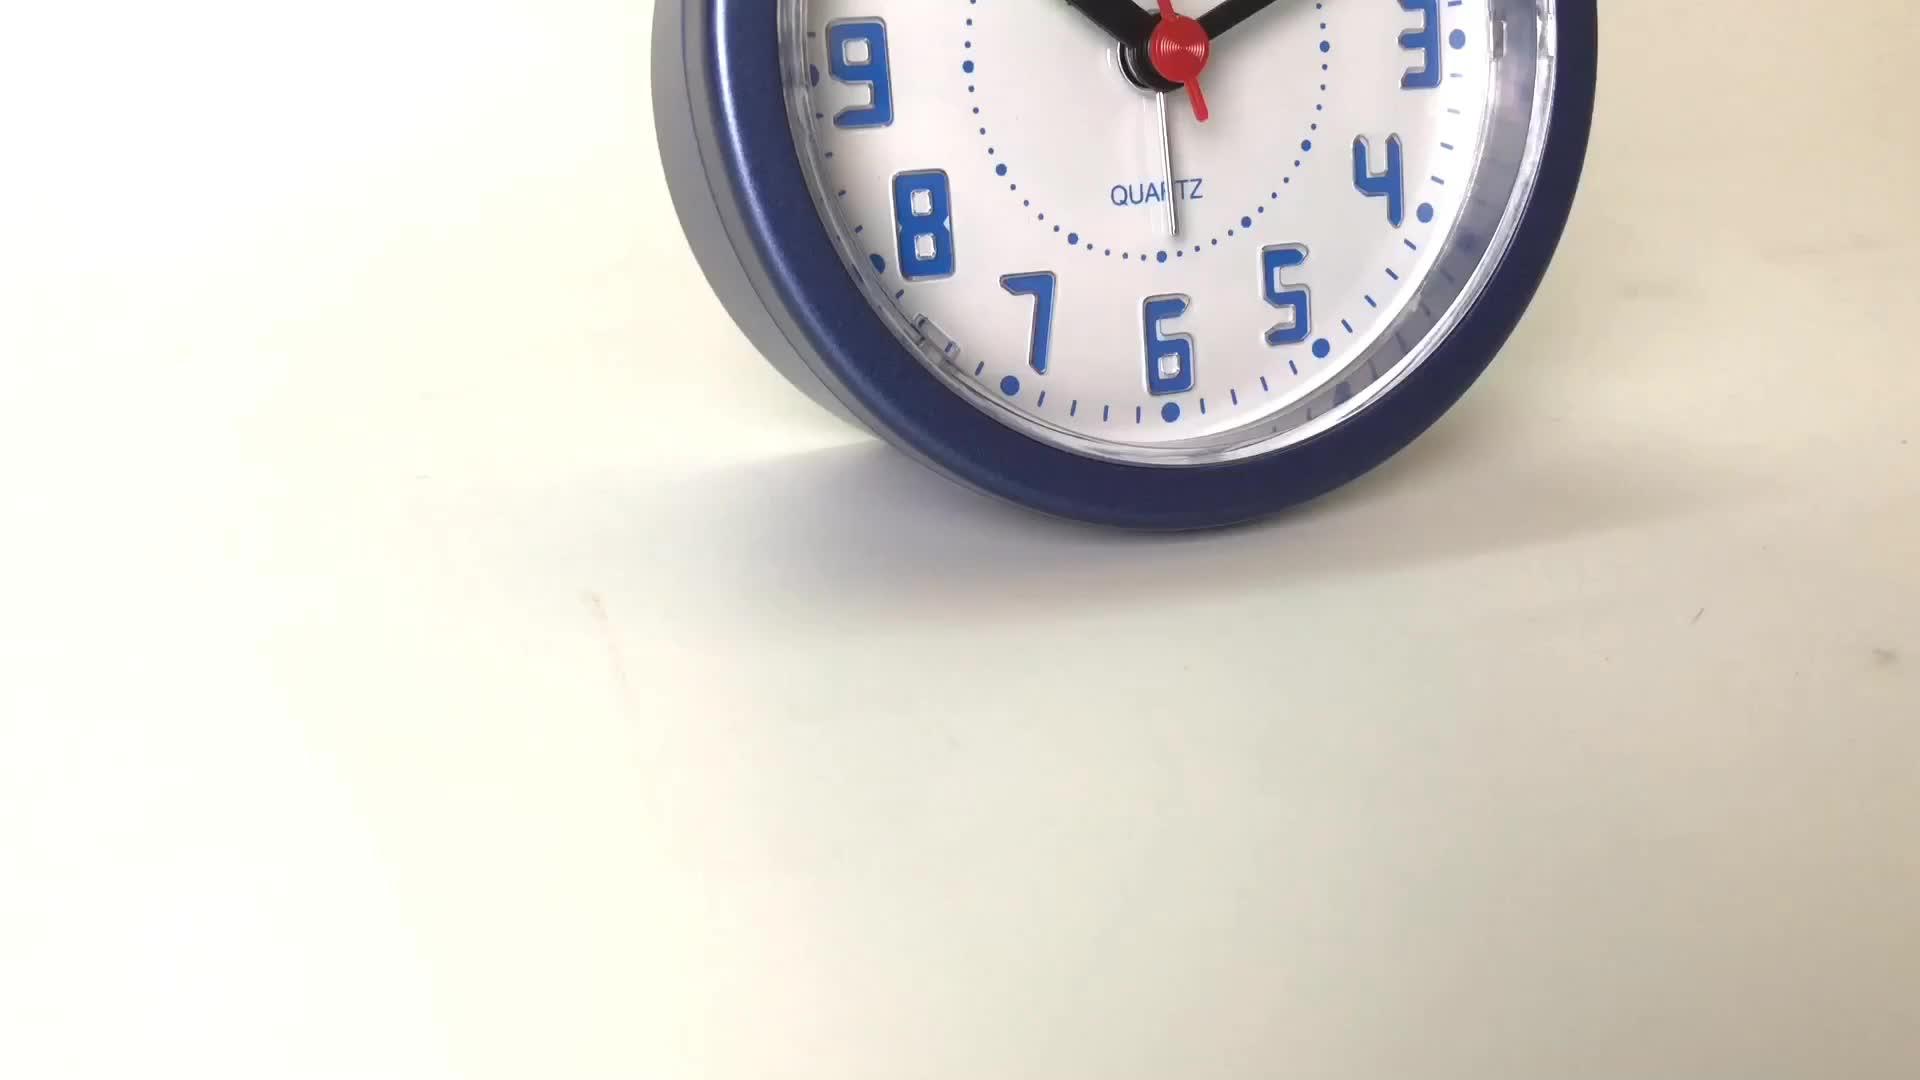 Bb09202 Dekoratif Mewah Bulat Mewarnai Dekoratif Plastik Signifikan Lampu Besde Meja Jam Alarm dengan Led Light